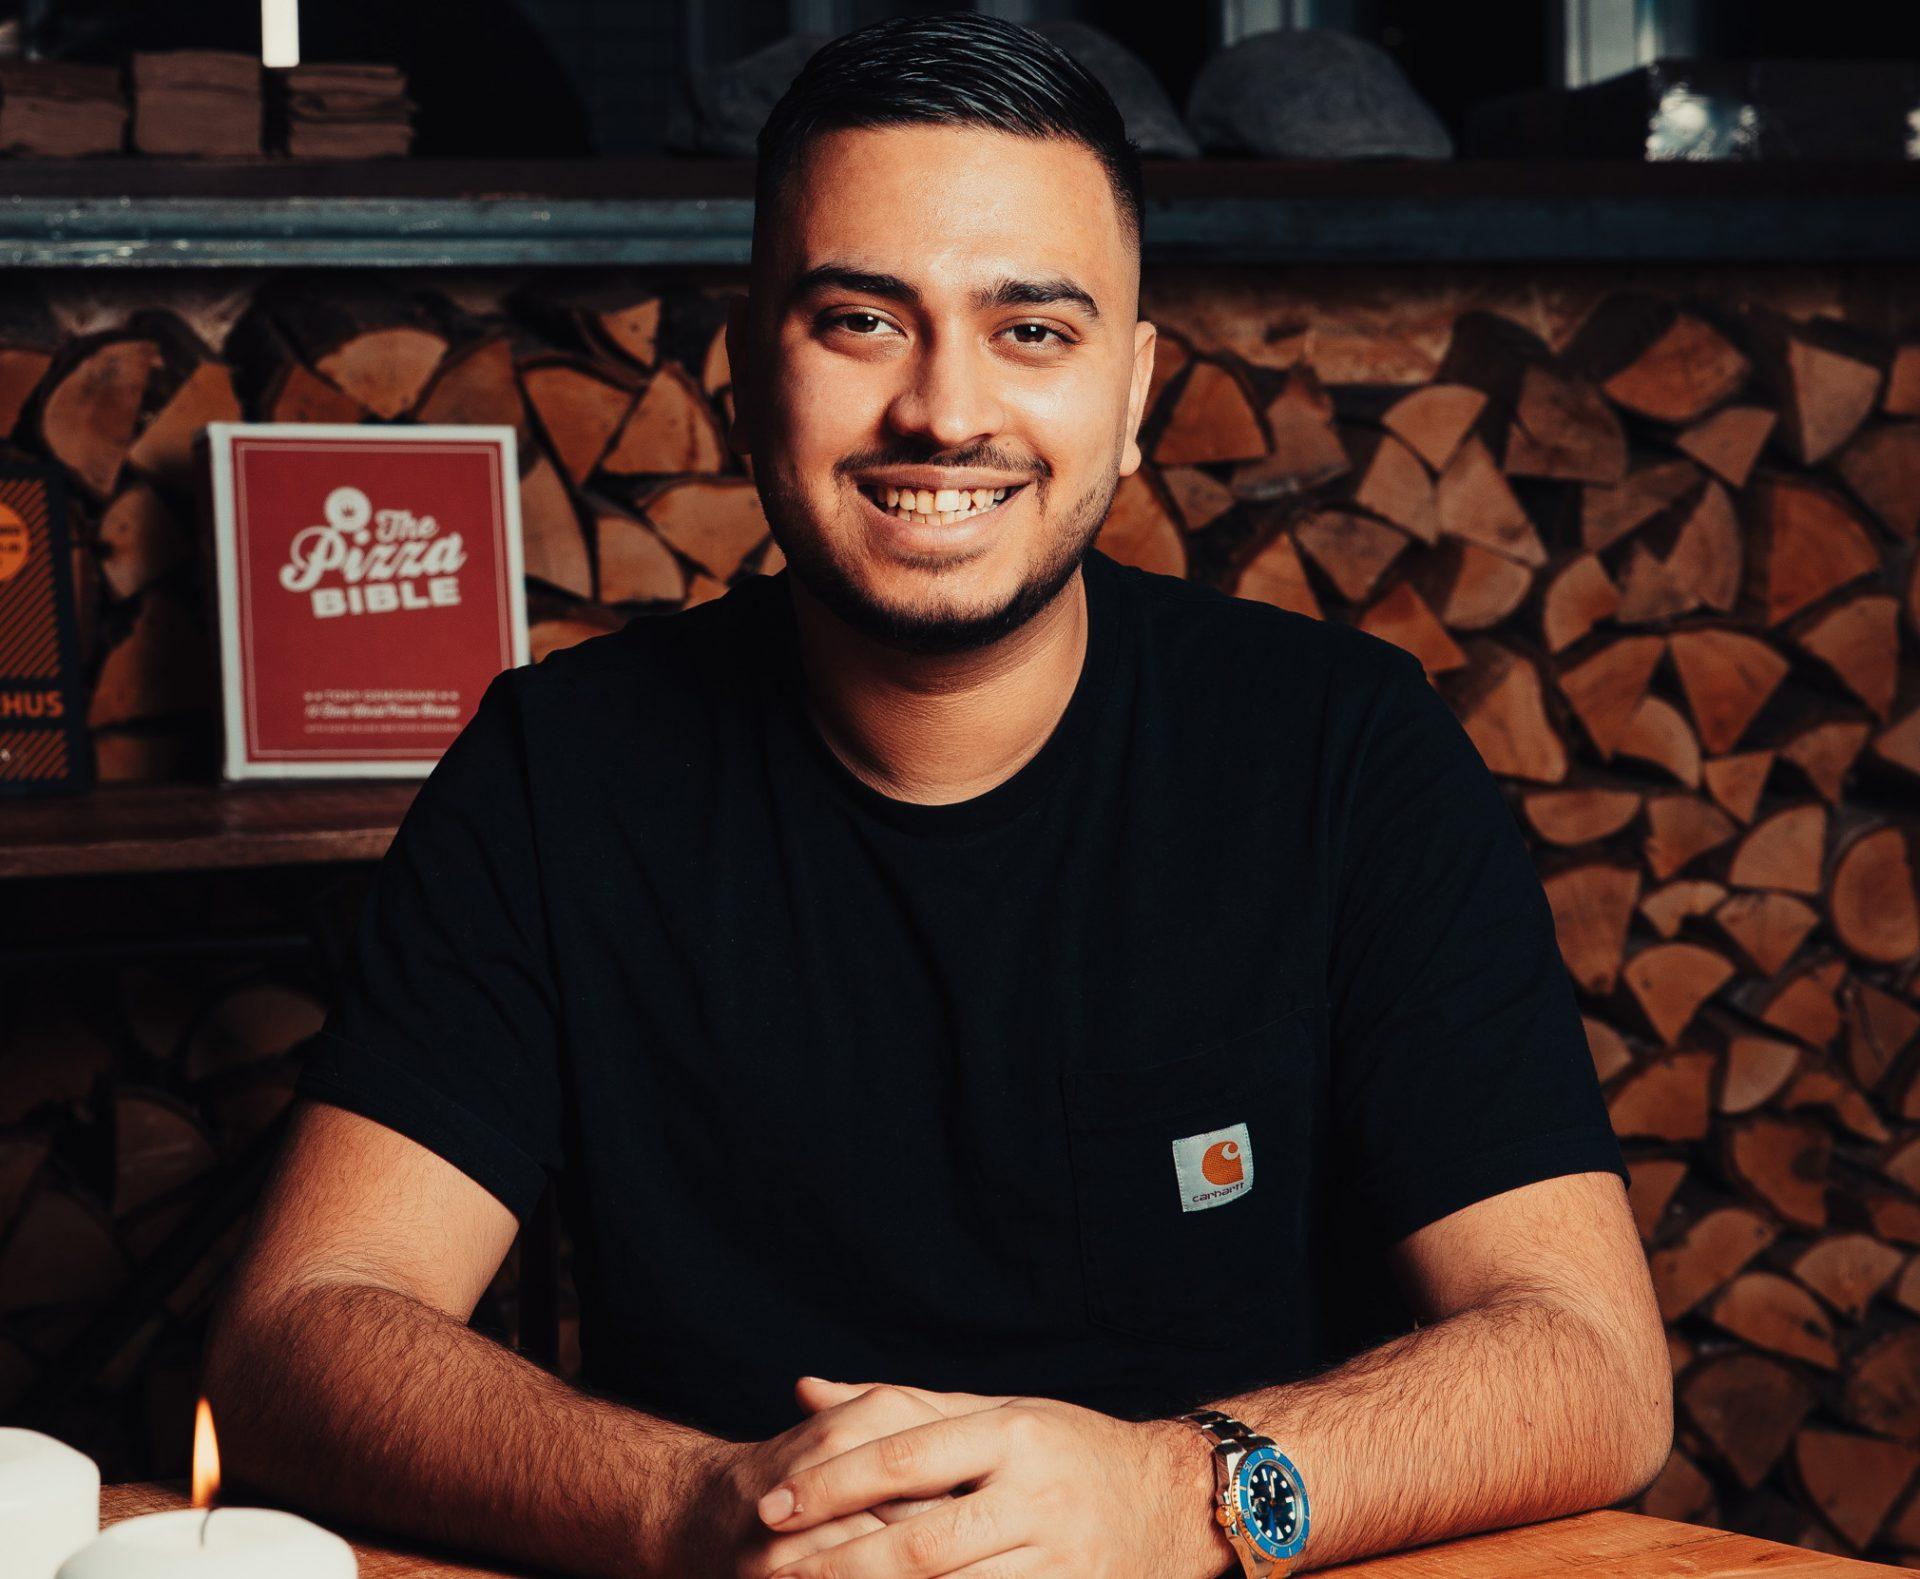 Ild.Pizza i vild vækst: Åbner 8 nye pizzeriaer i forskellige byer